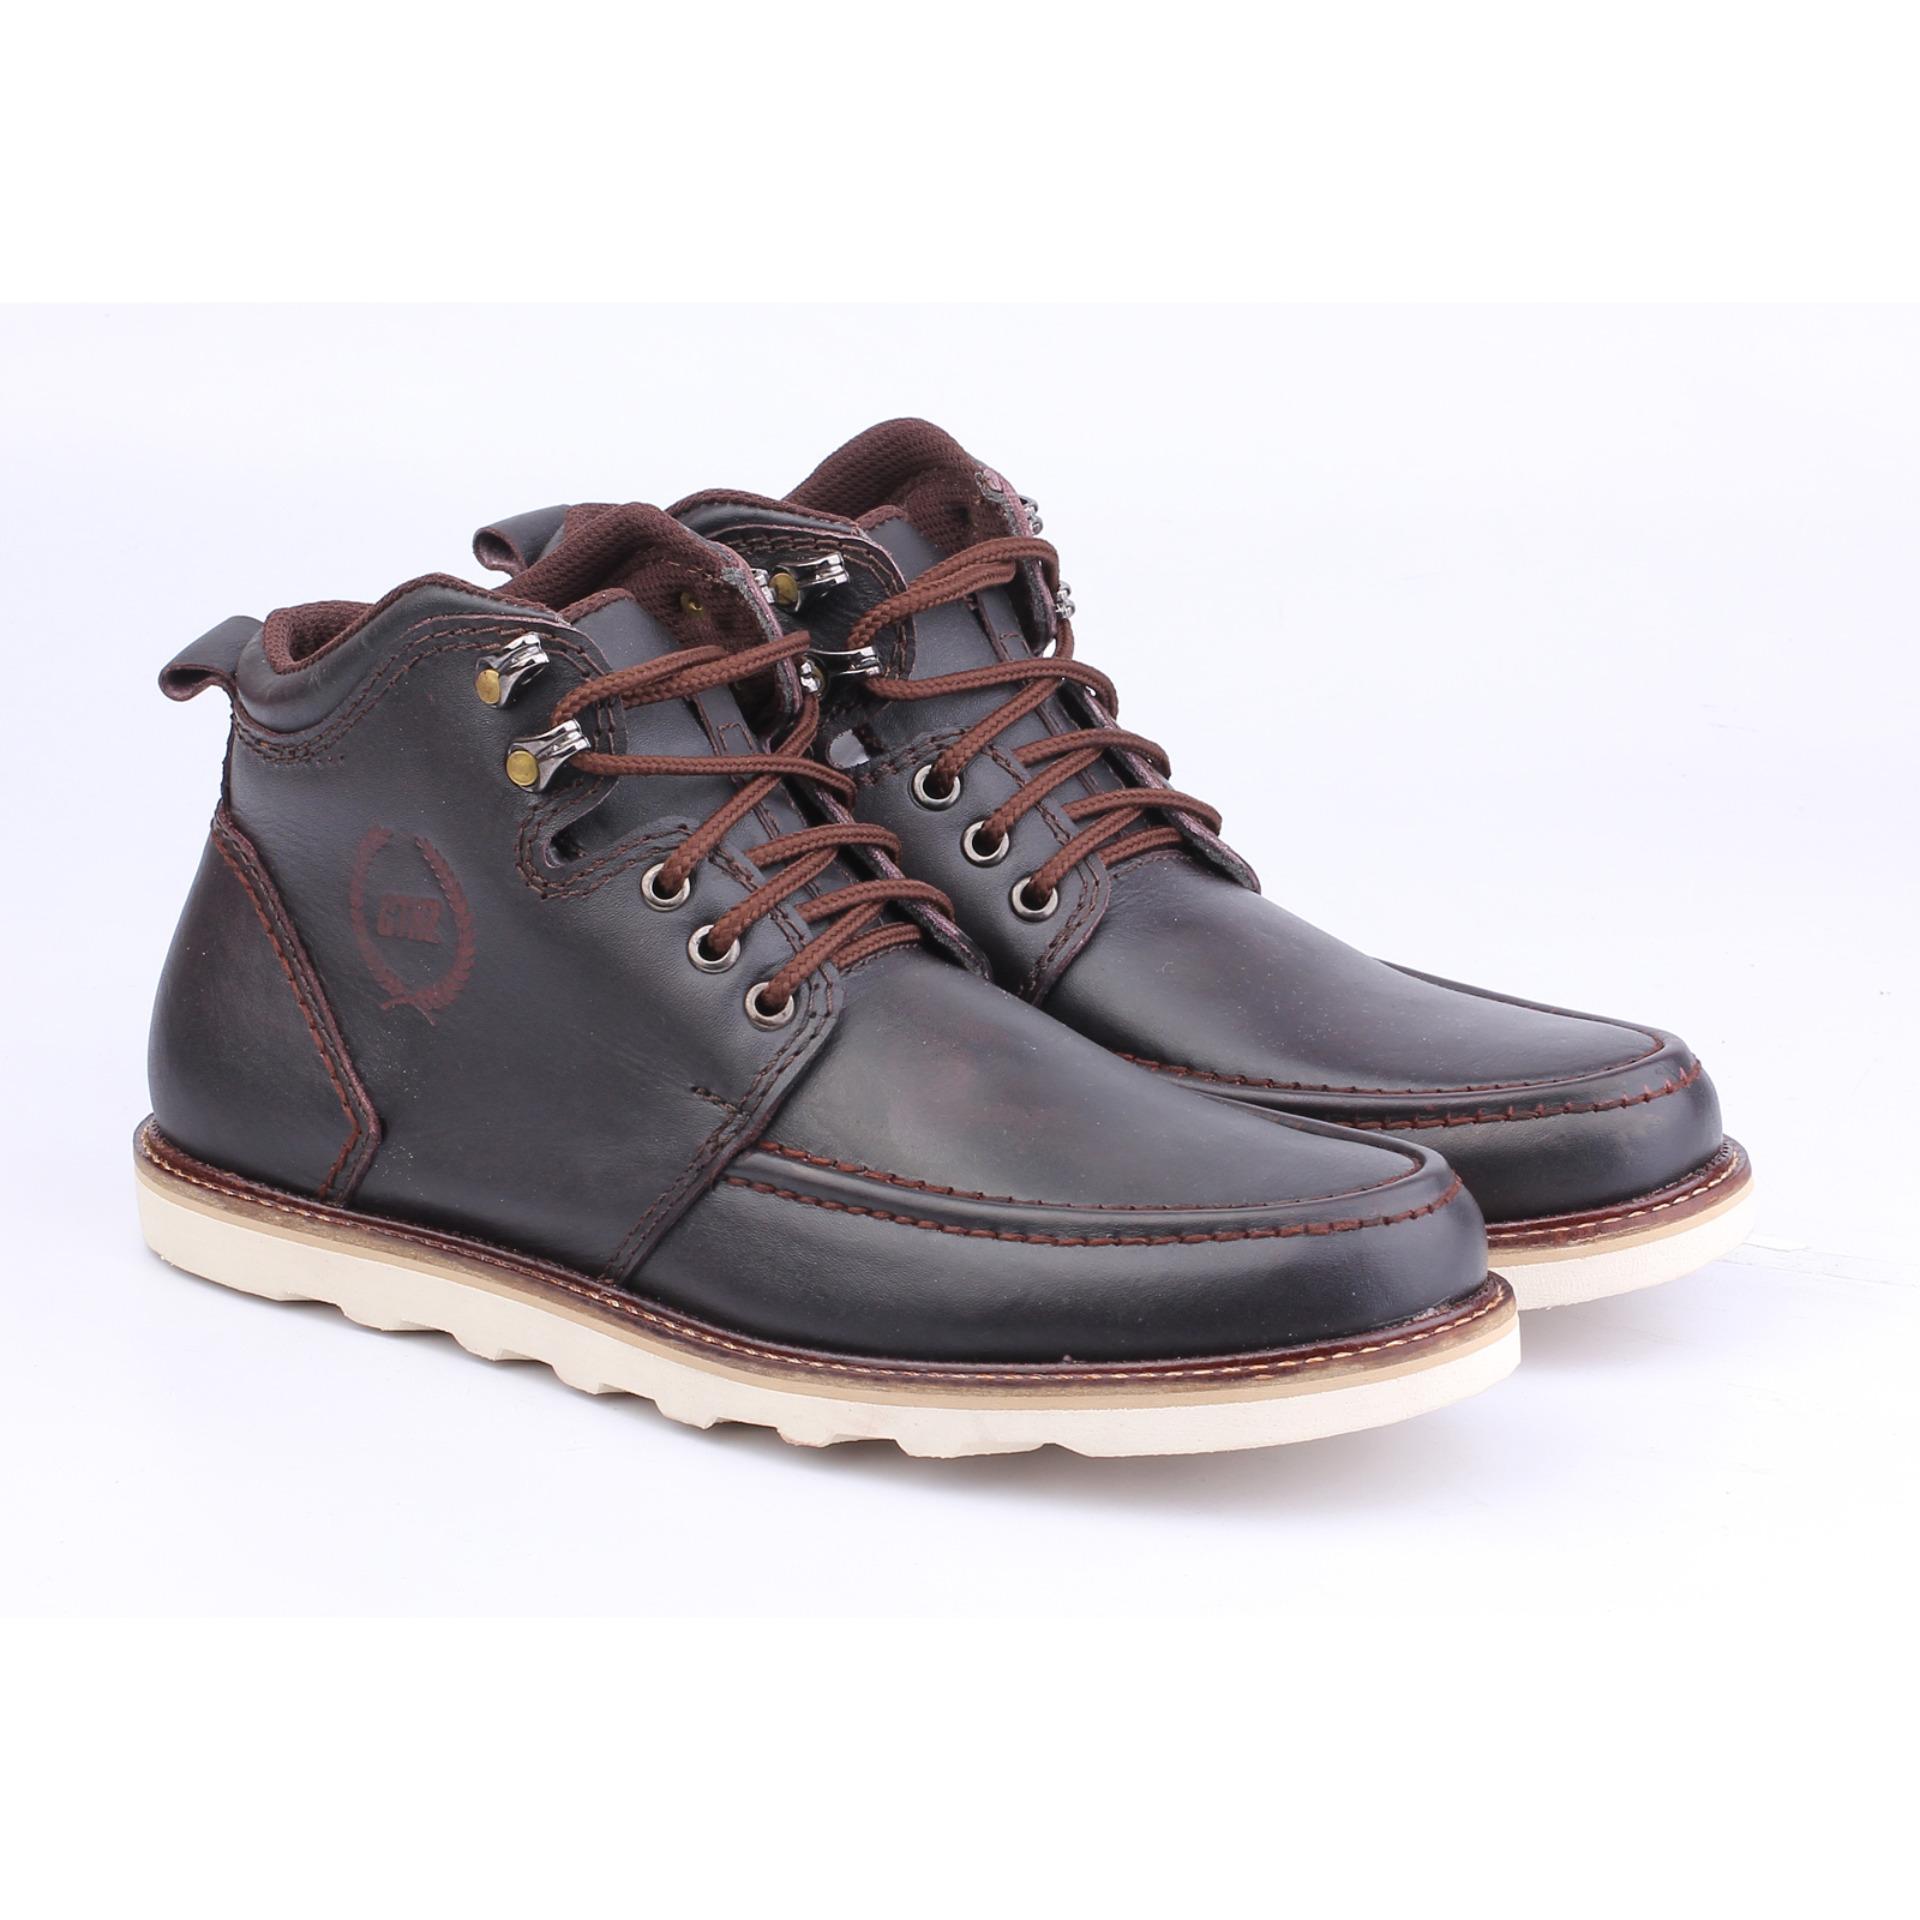 Sepatu Boots Pria Catenzo MP 009 Coklat Kulit